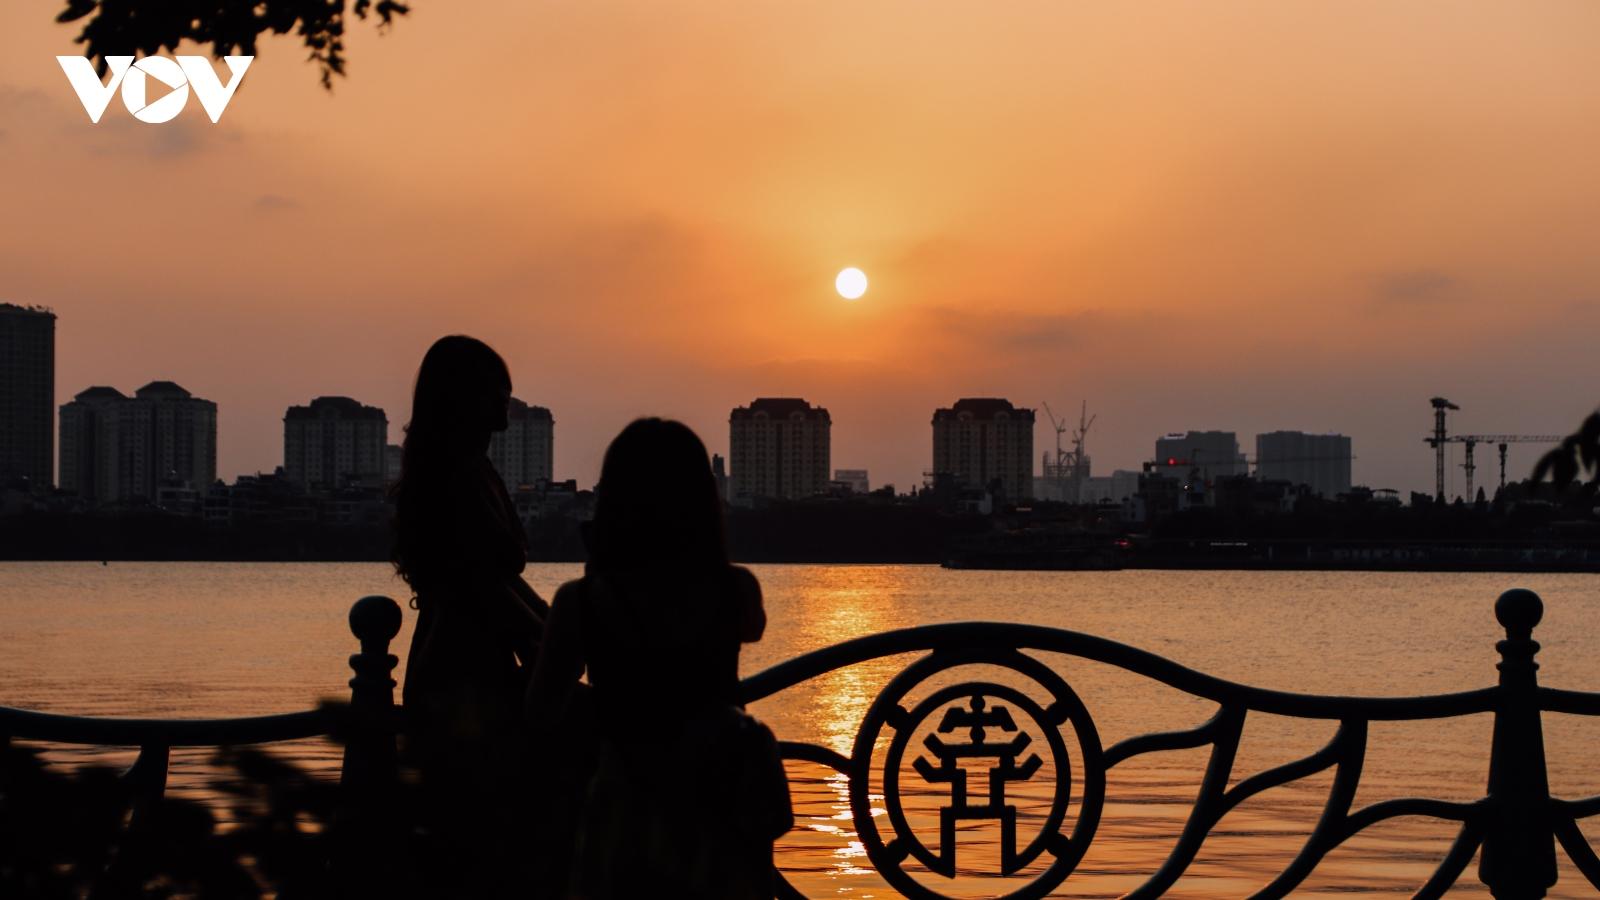 Hà Nội tuyệt đẹp khi ngắm hoàng hôn từ Hồ Tây